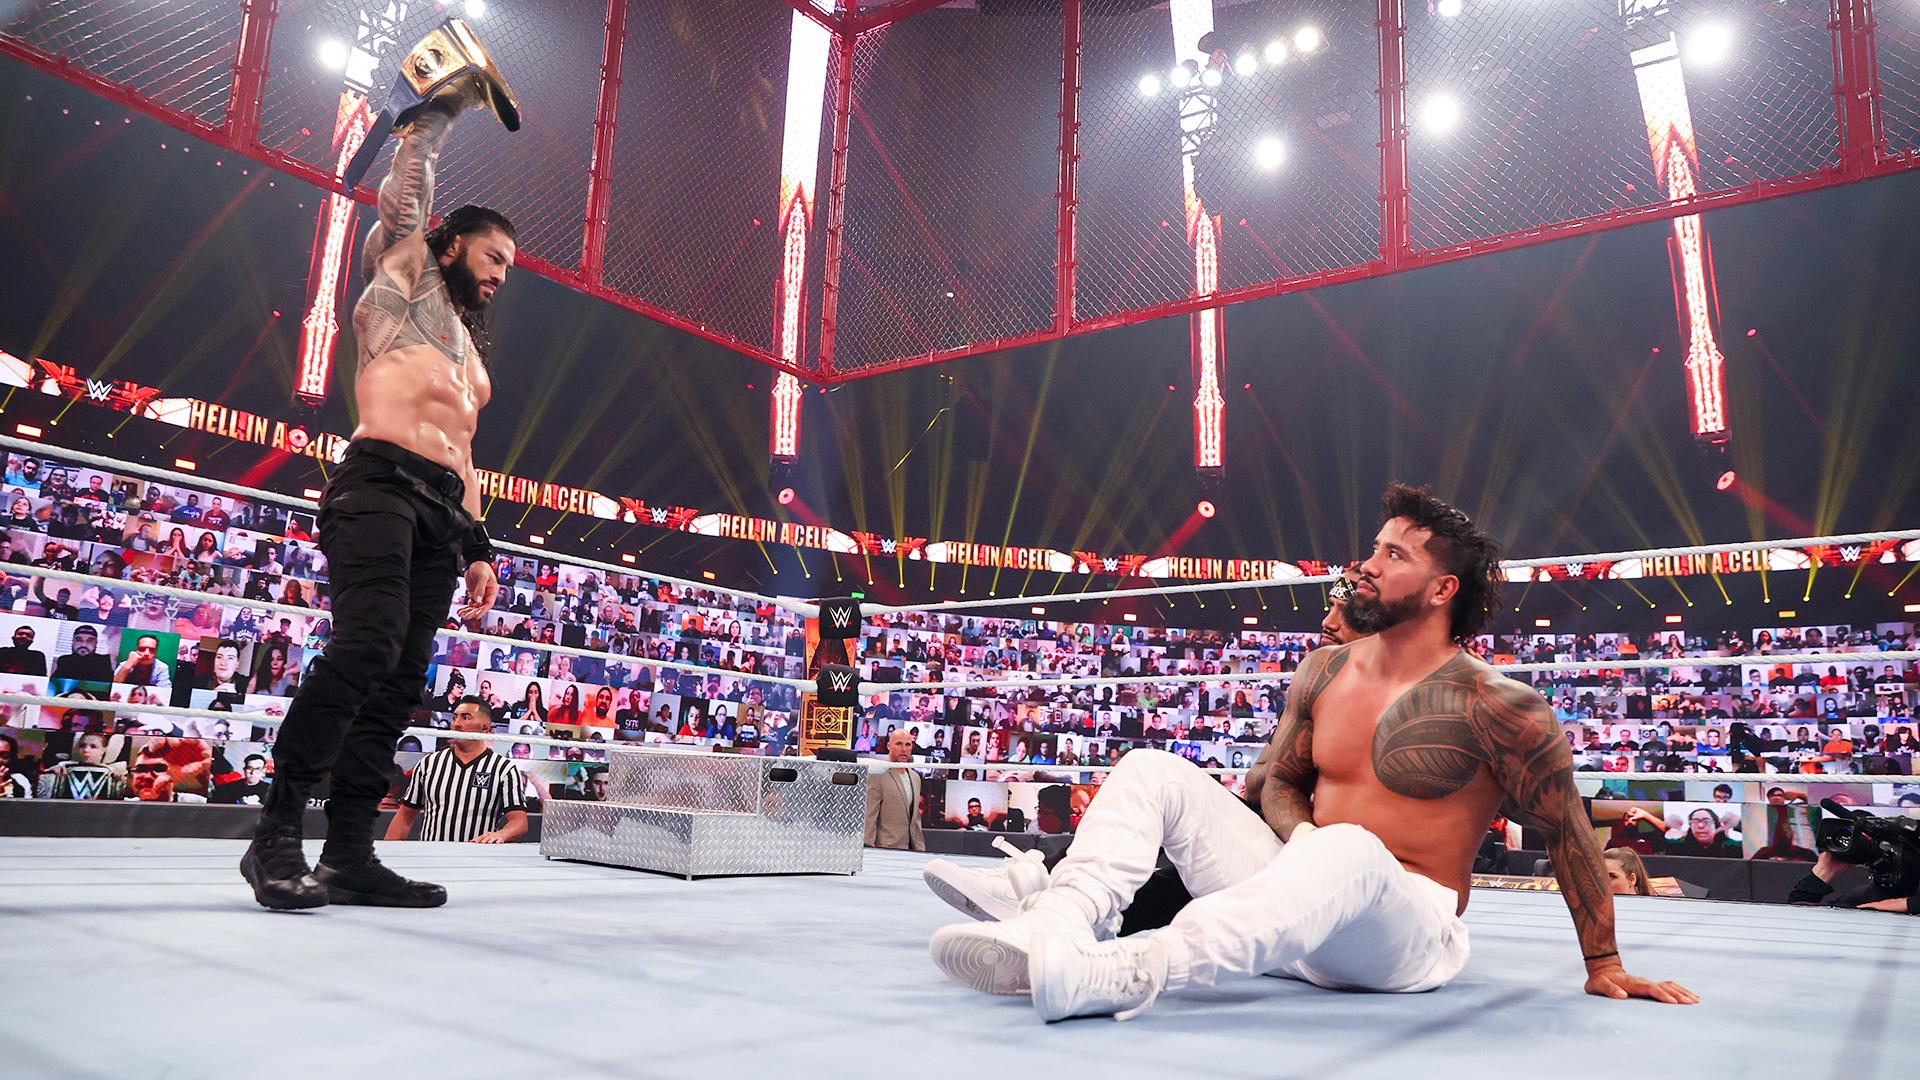 Jimmy Uso custa vitória de seu irmão contra Roman Reigns no WWE Hell in a Cell